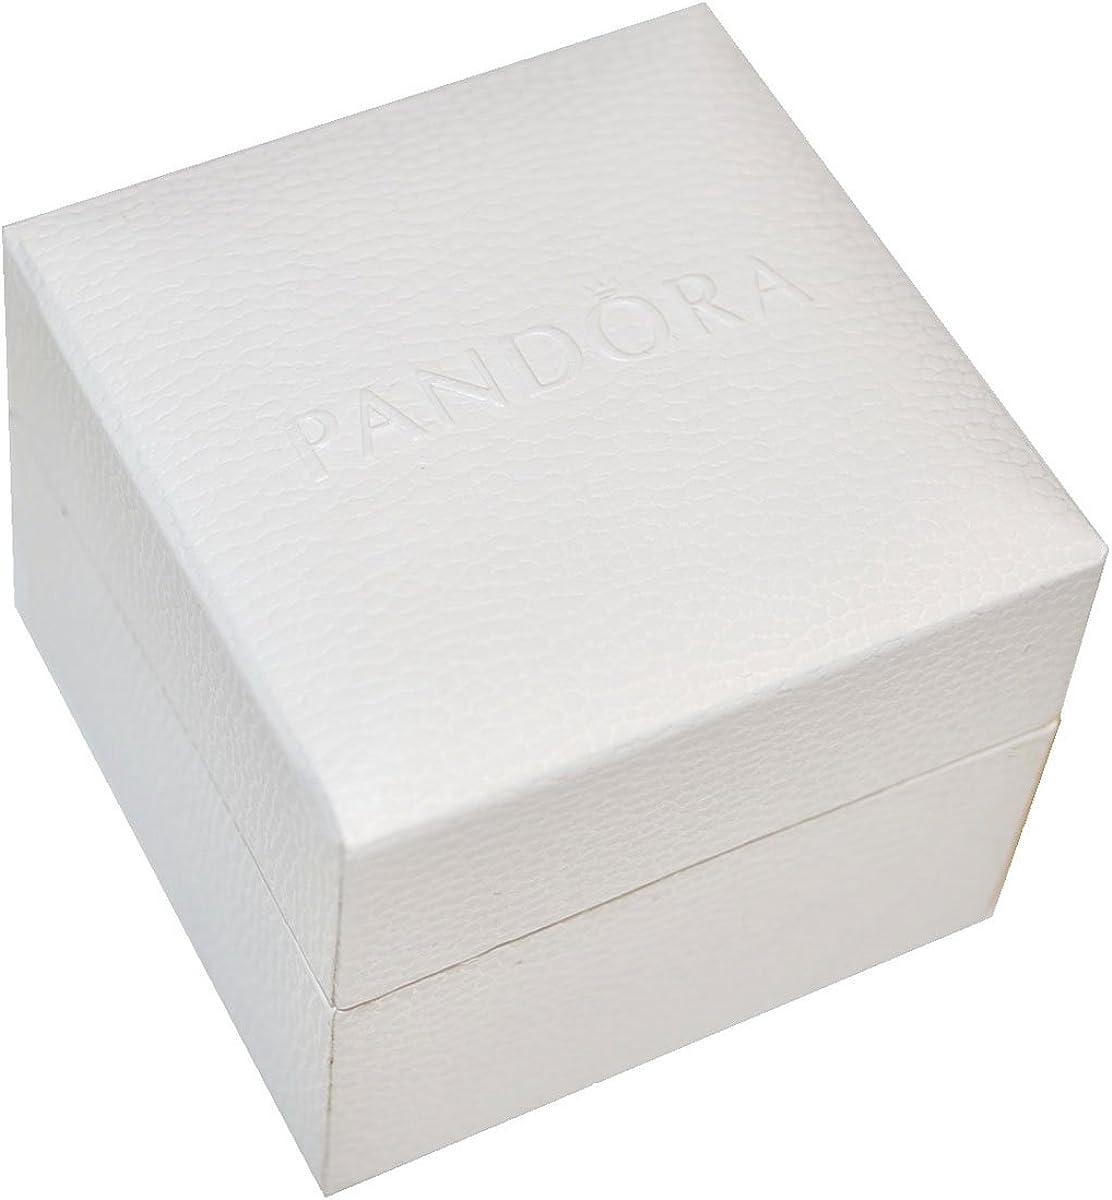 Pandora Women's Jewellery Gift Box